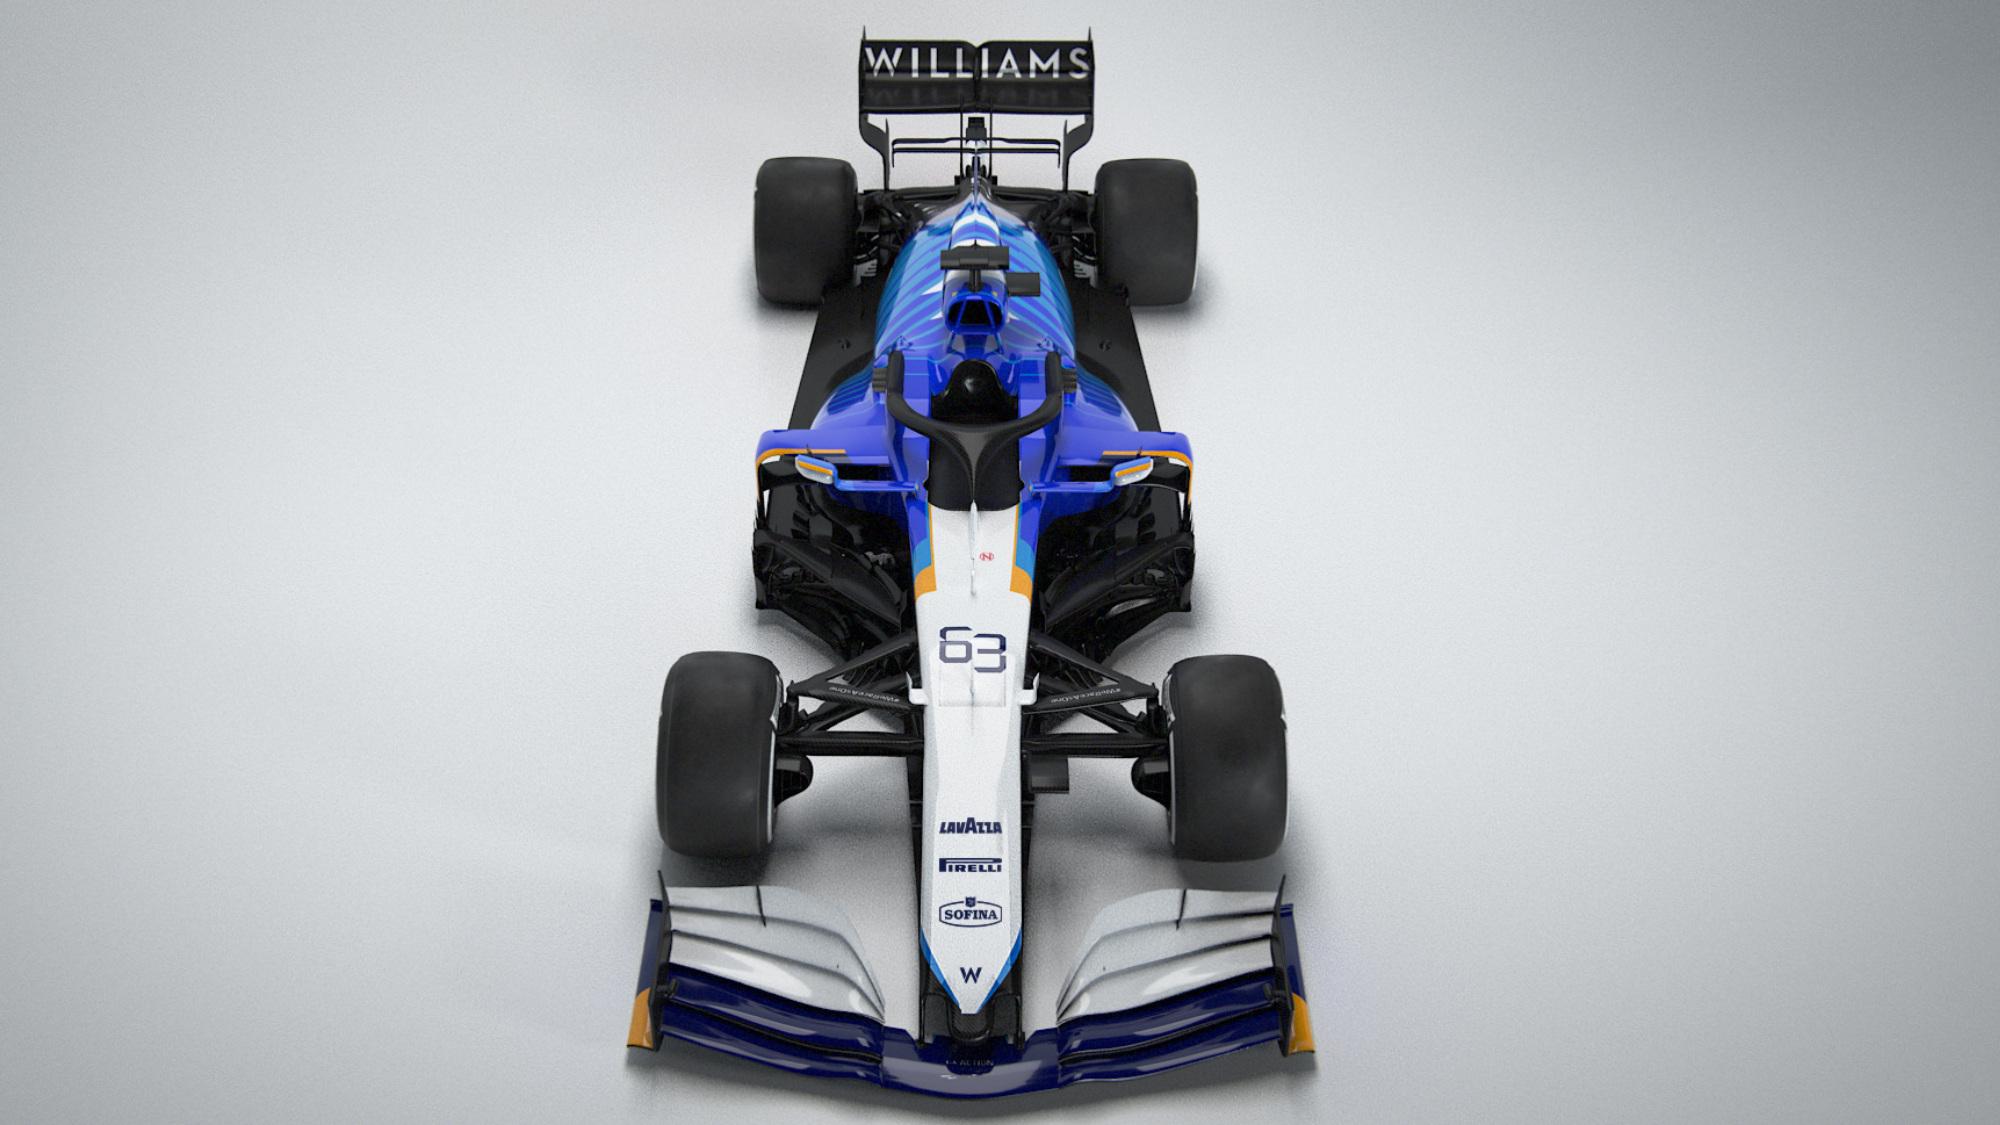 Williams FW43B 2021 F1 Car